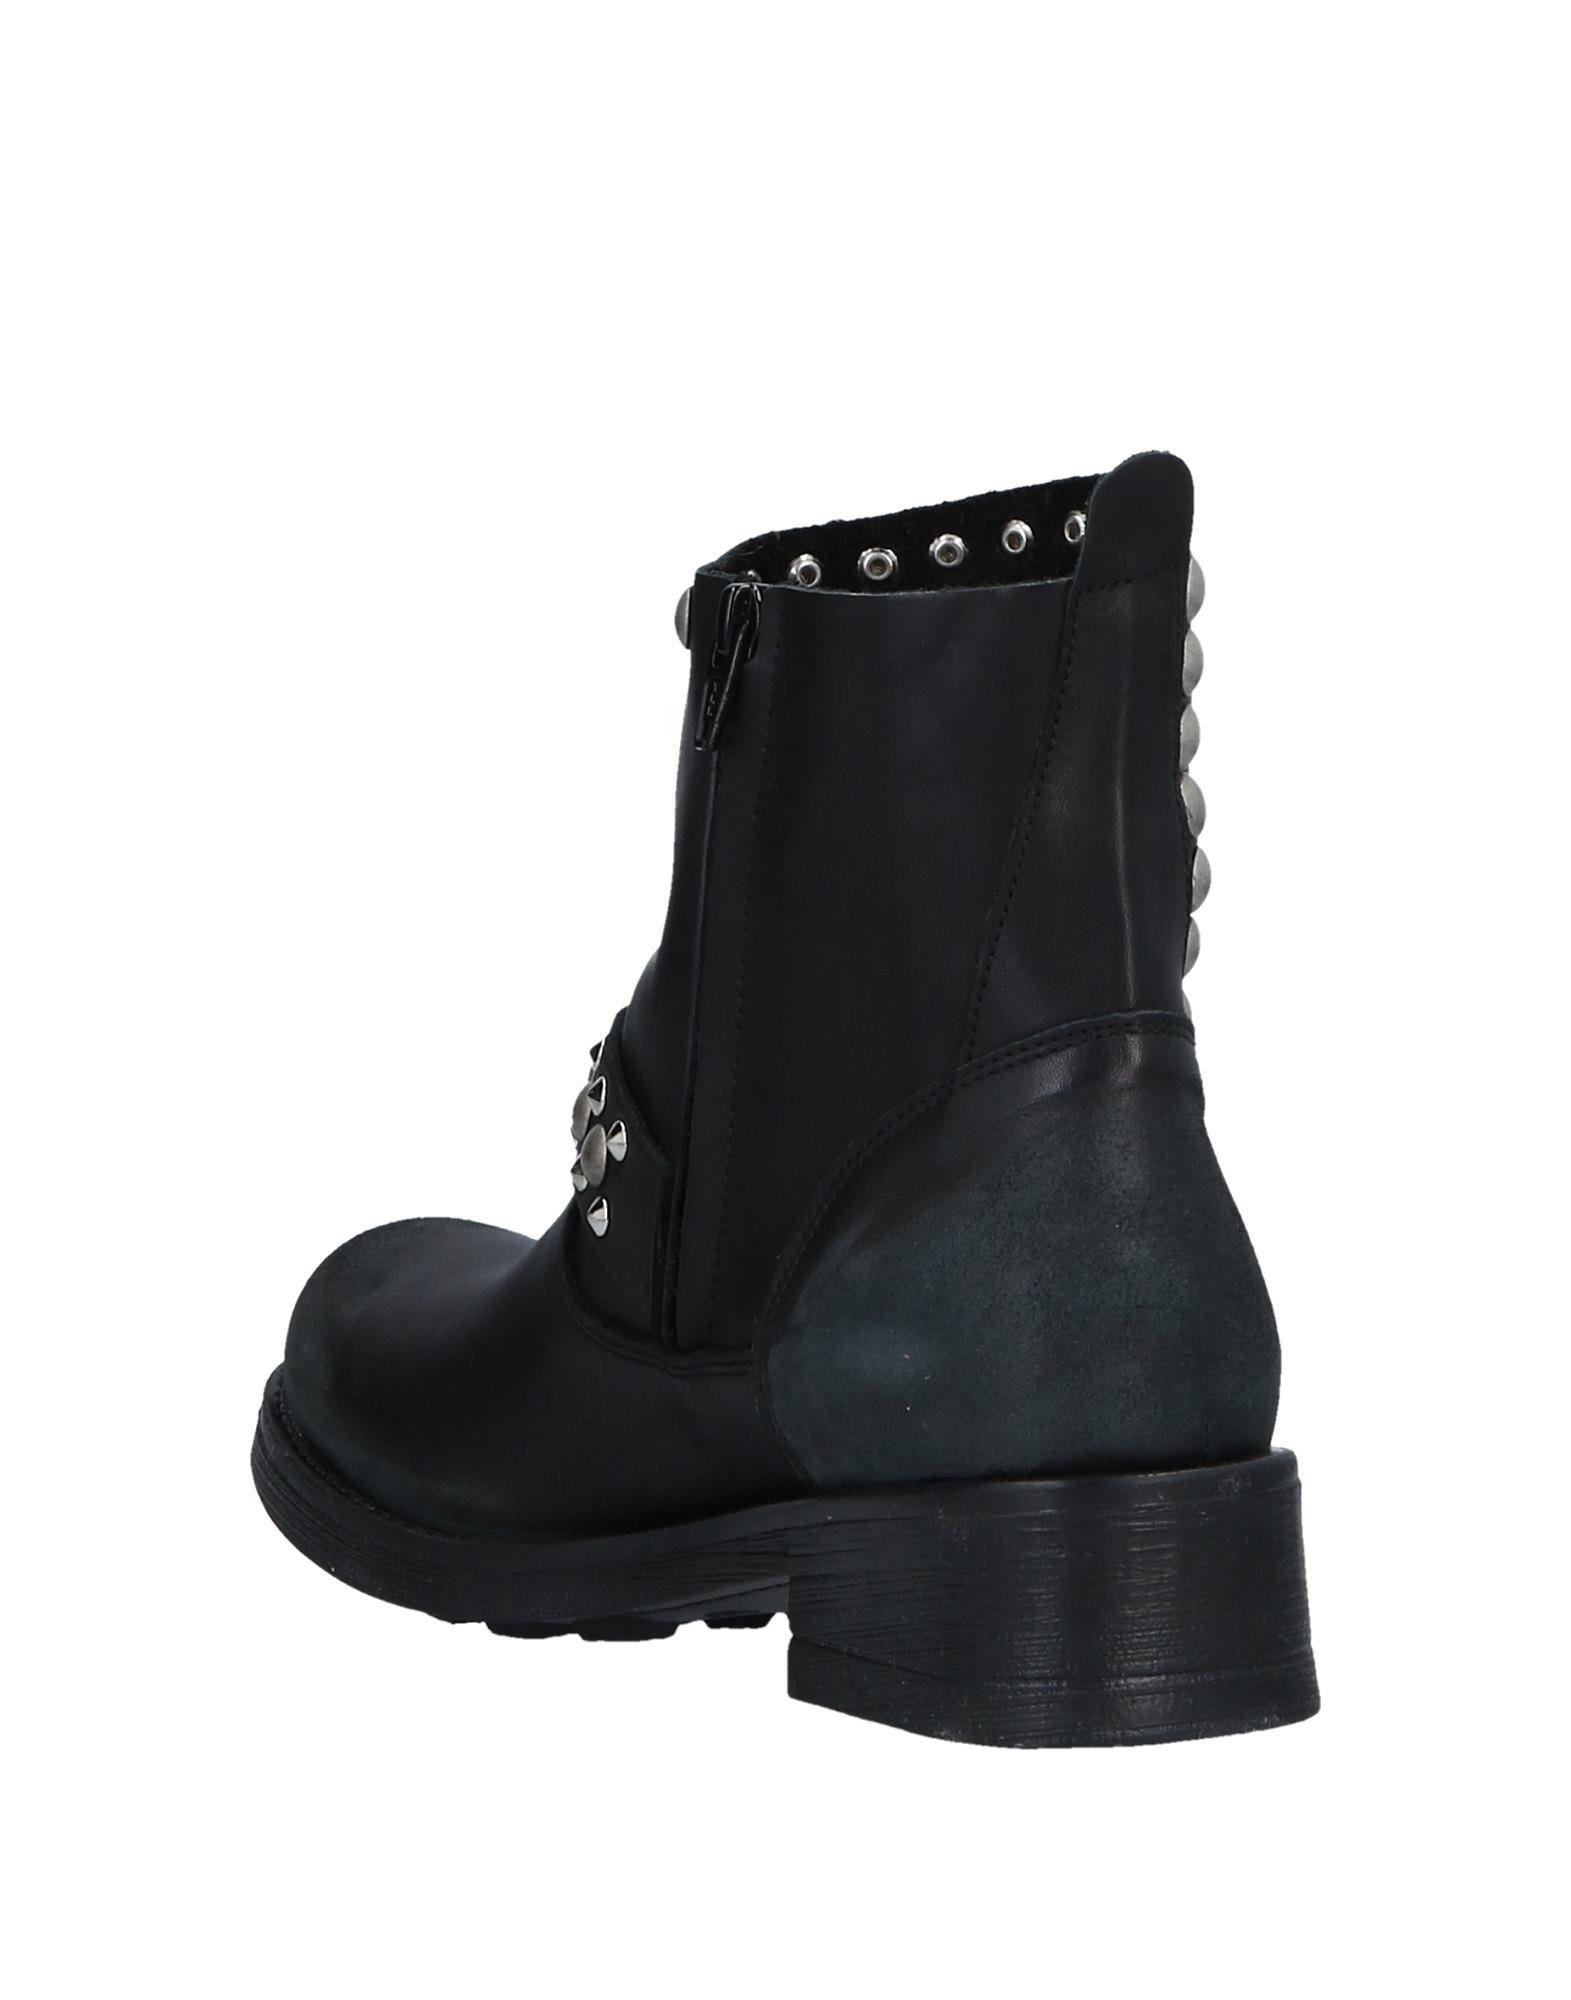 Ovye' By Cristina Lucchi  Stiefelette Damen  Lucchi 11539057HA Gute Qualität beliebte Schuhe bfbb06